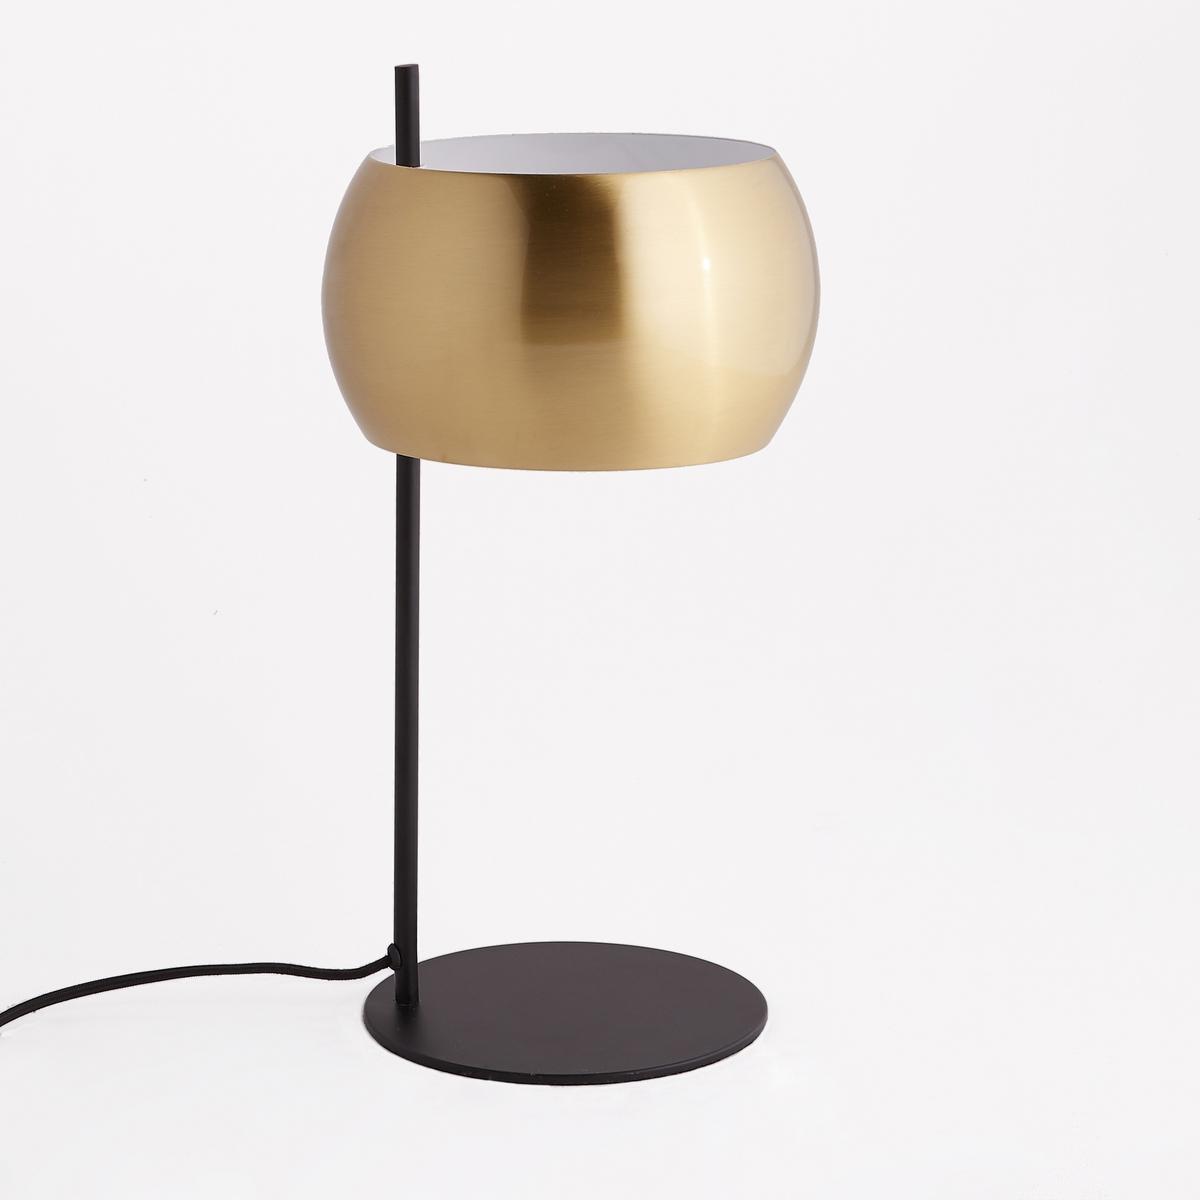 Лампа настольная из металла черного цвета и латуни, Elori бра из черного металла и металла с отделкой под латунь elori